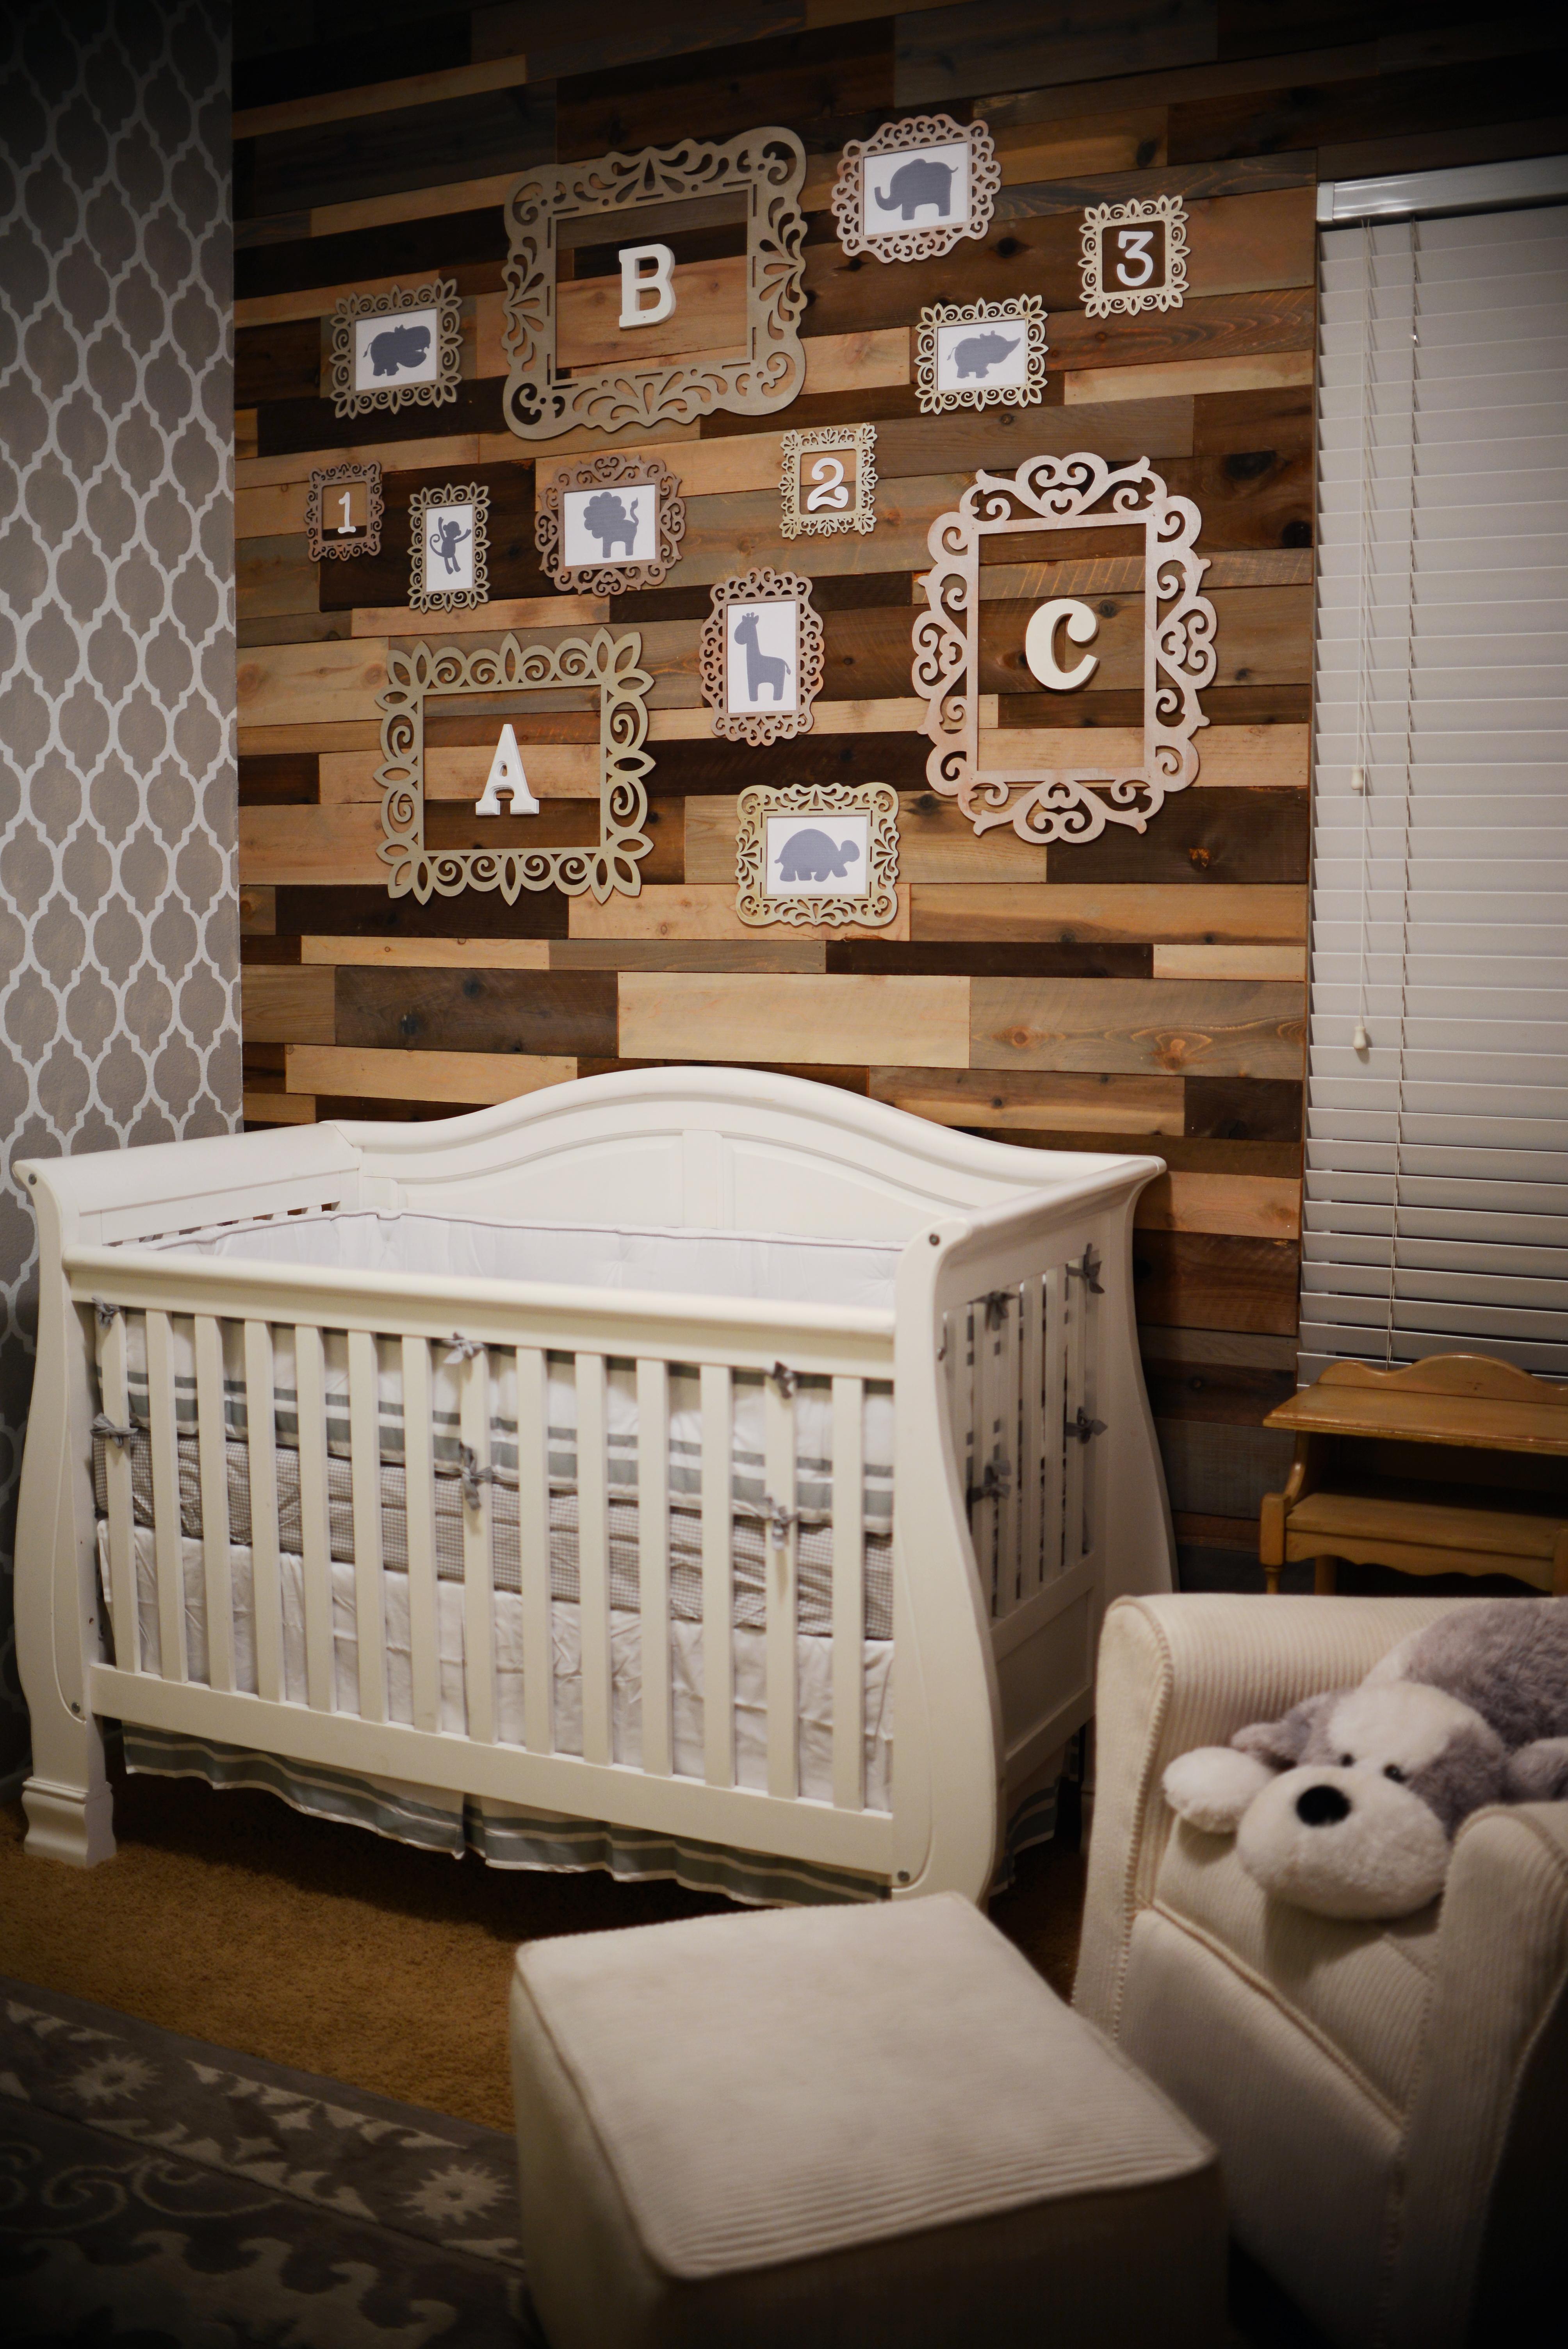 Averey's Nursery 4